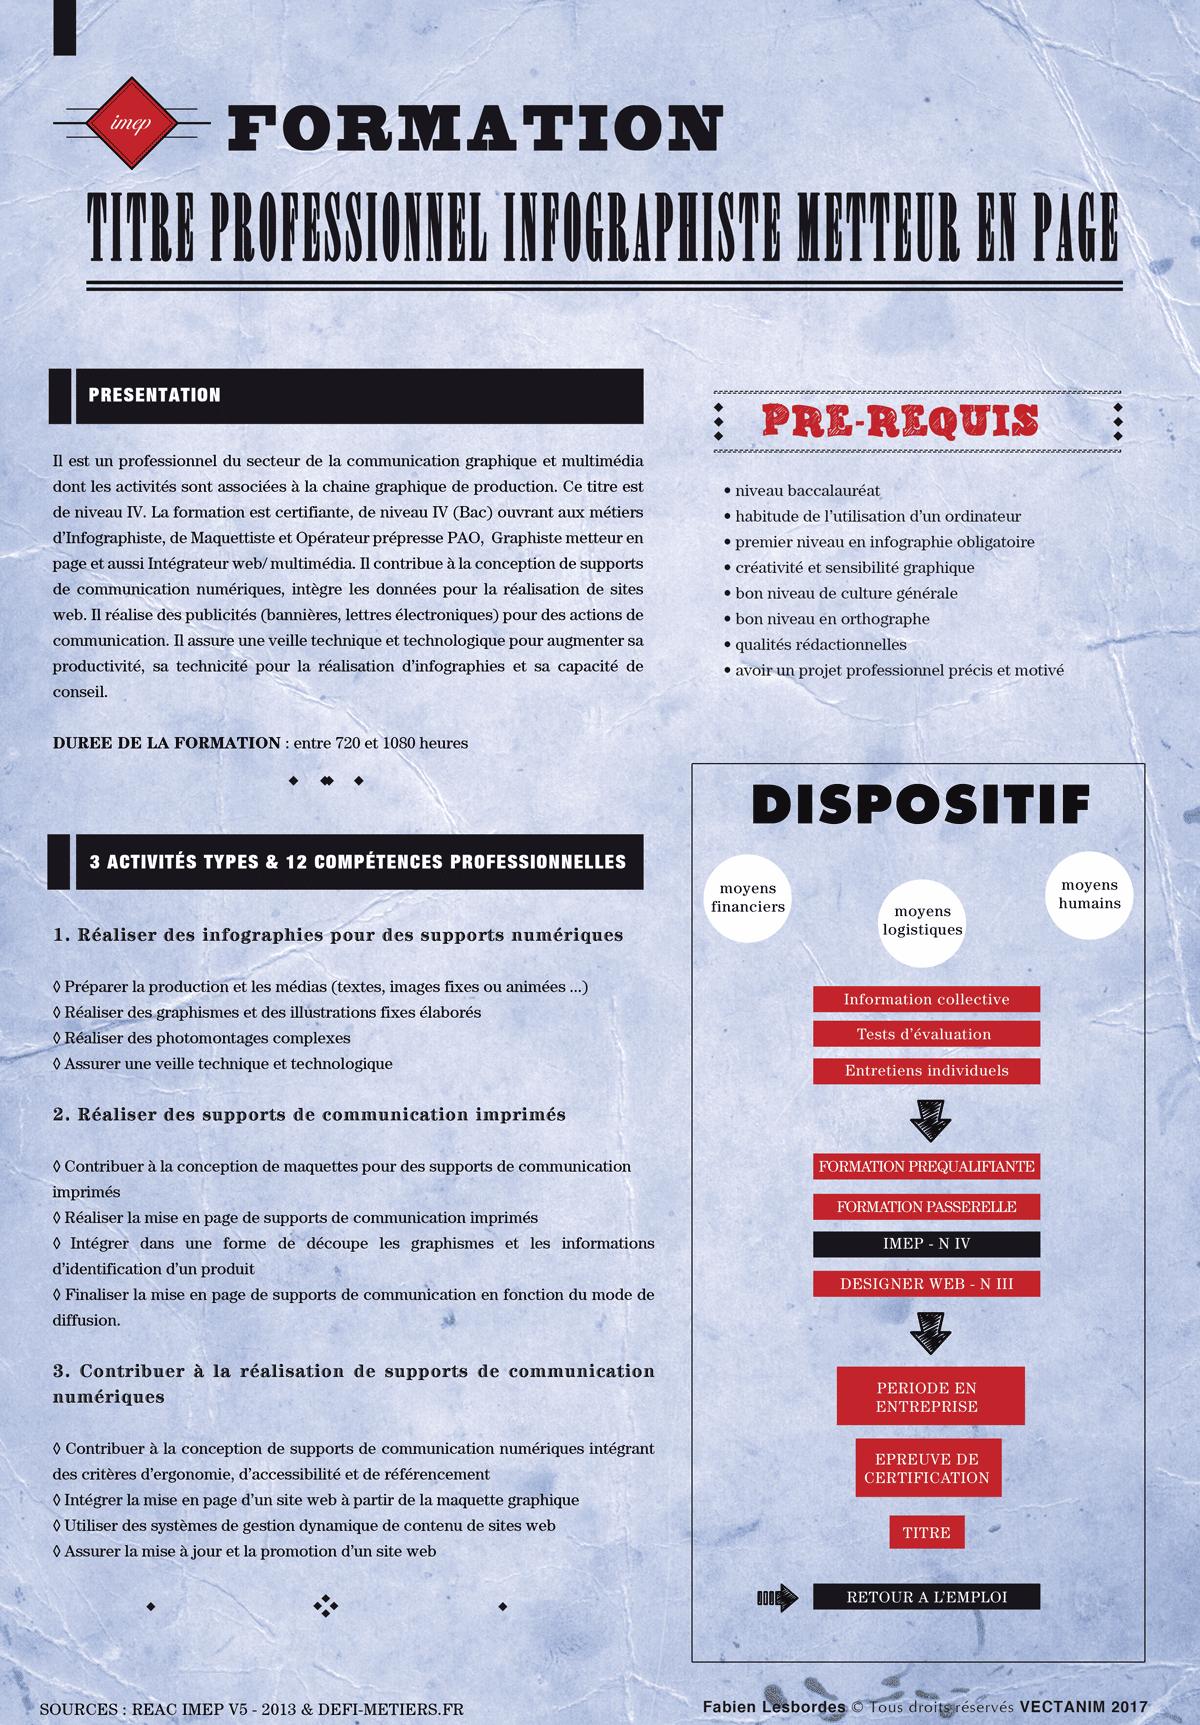 Infographie affiche Titre Professionnel infographiste metteur page